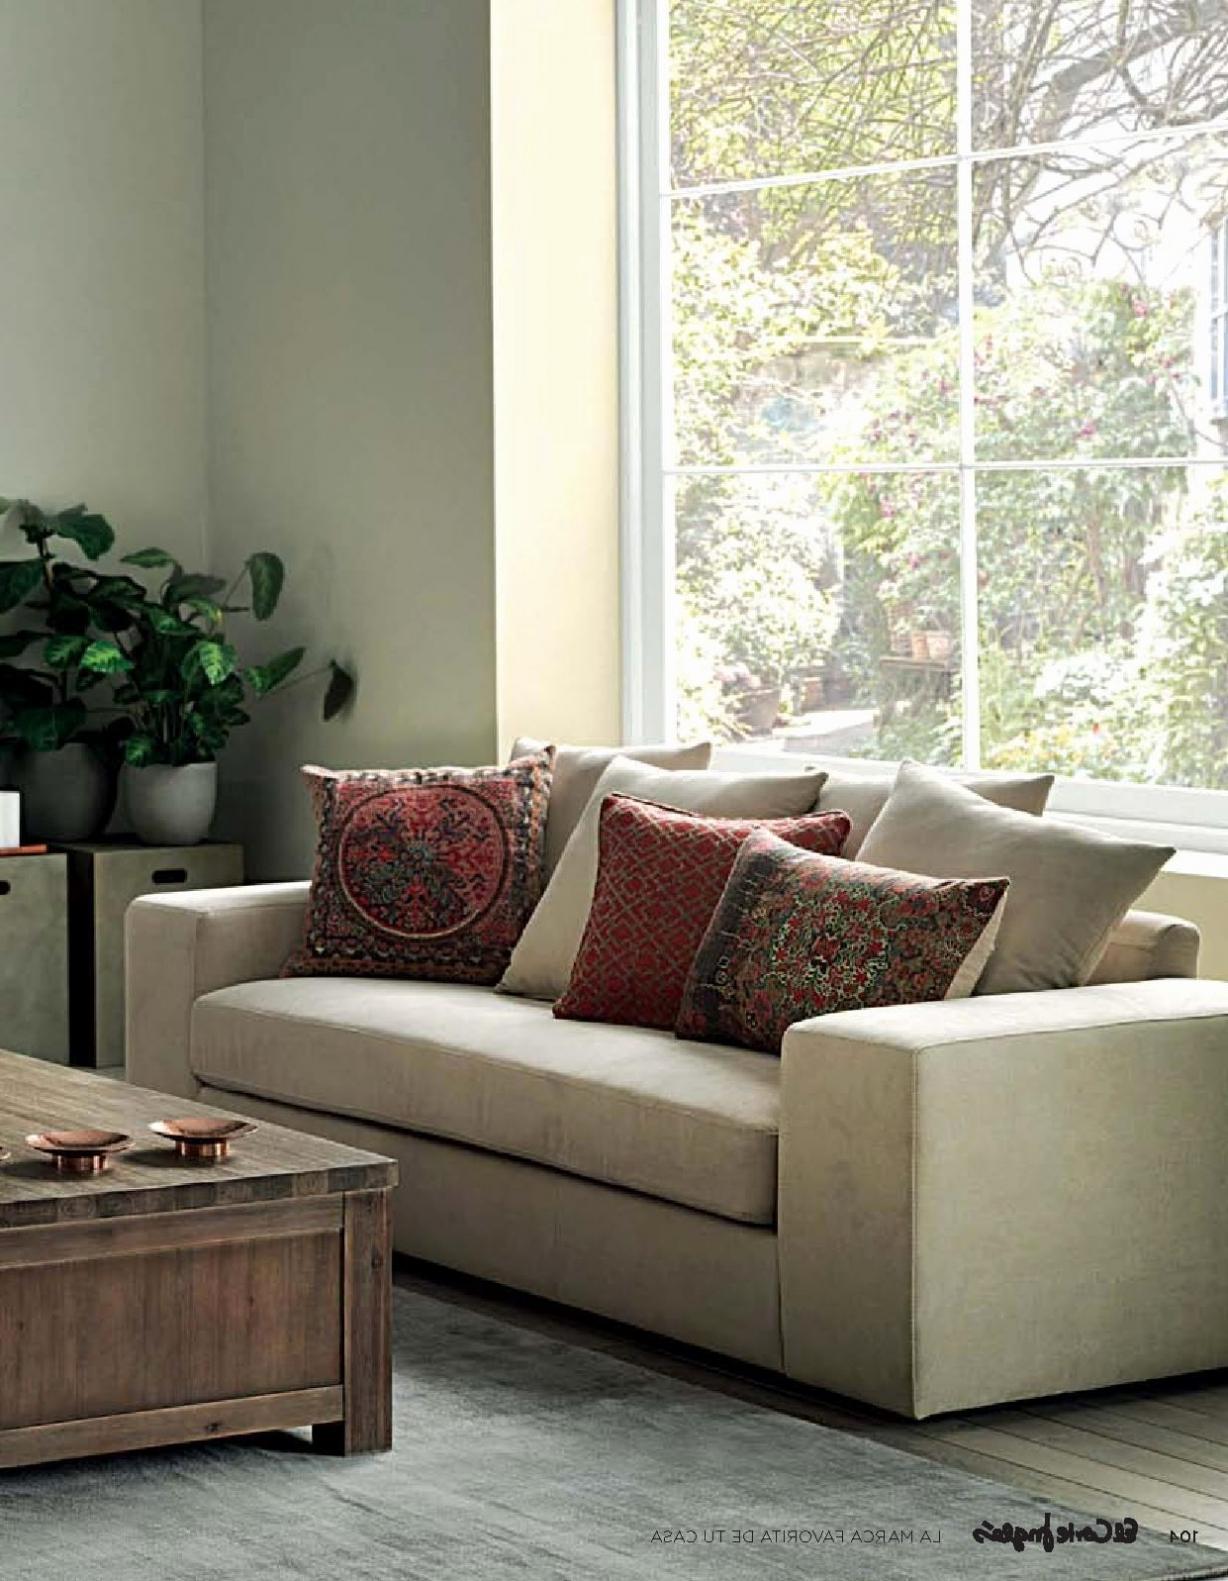 Sofas En Lugo 87dx Muebles Lugo Luxury Muebles De Salon El Corte Ingles Aparador Alto